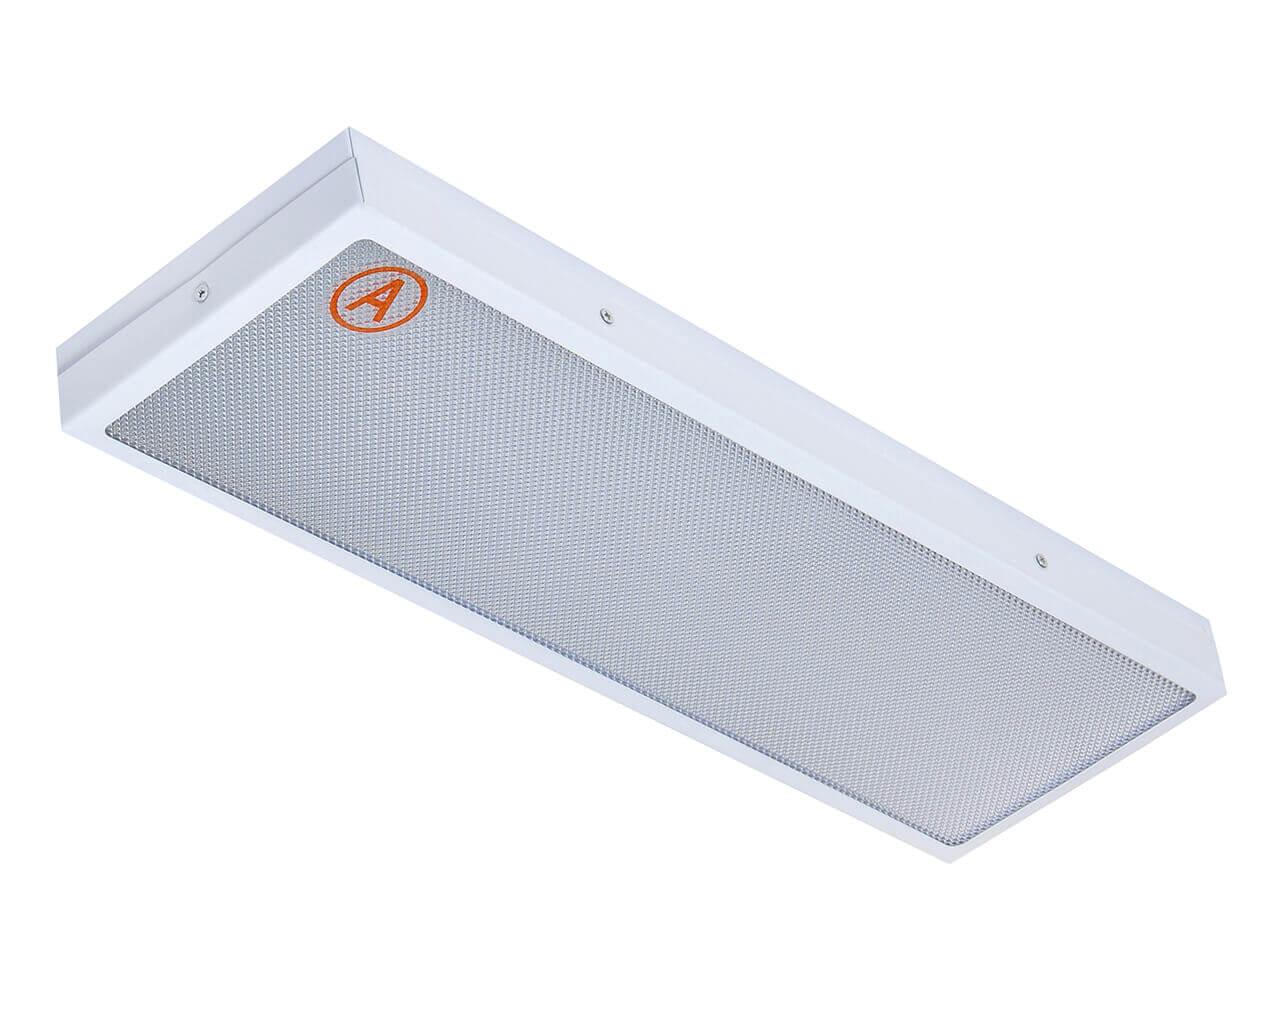 Накладной светильник LC-SIP-20 595x180 IP65 Теплый белый Призма с Бап 3 часа